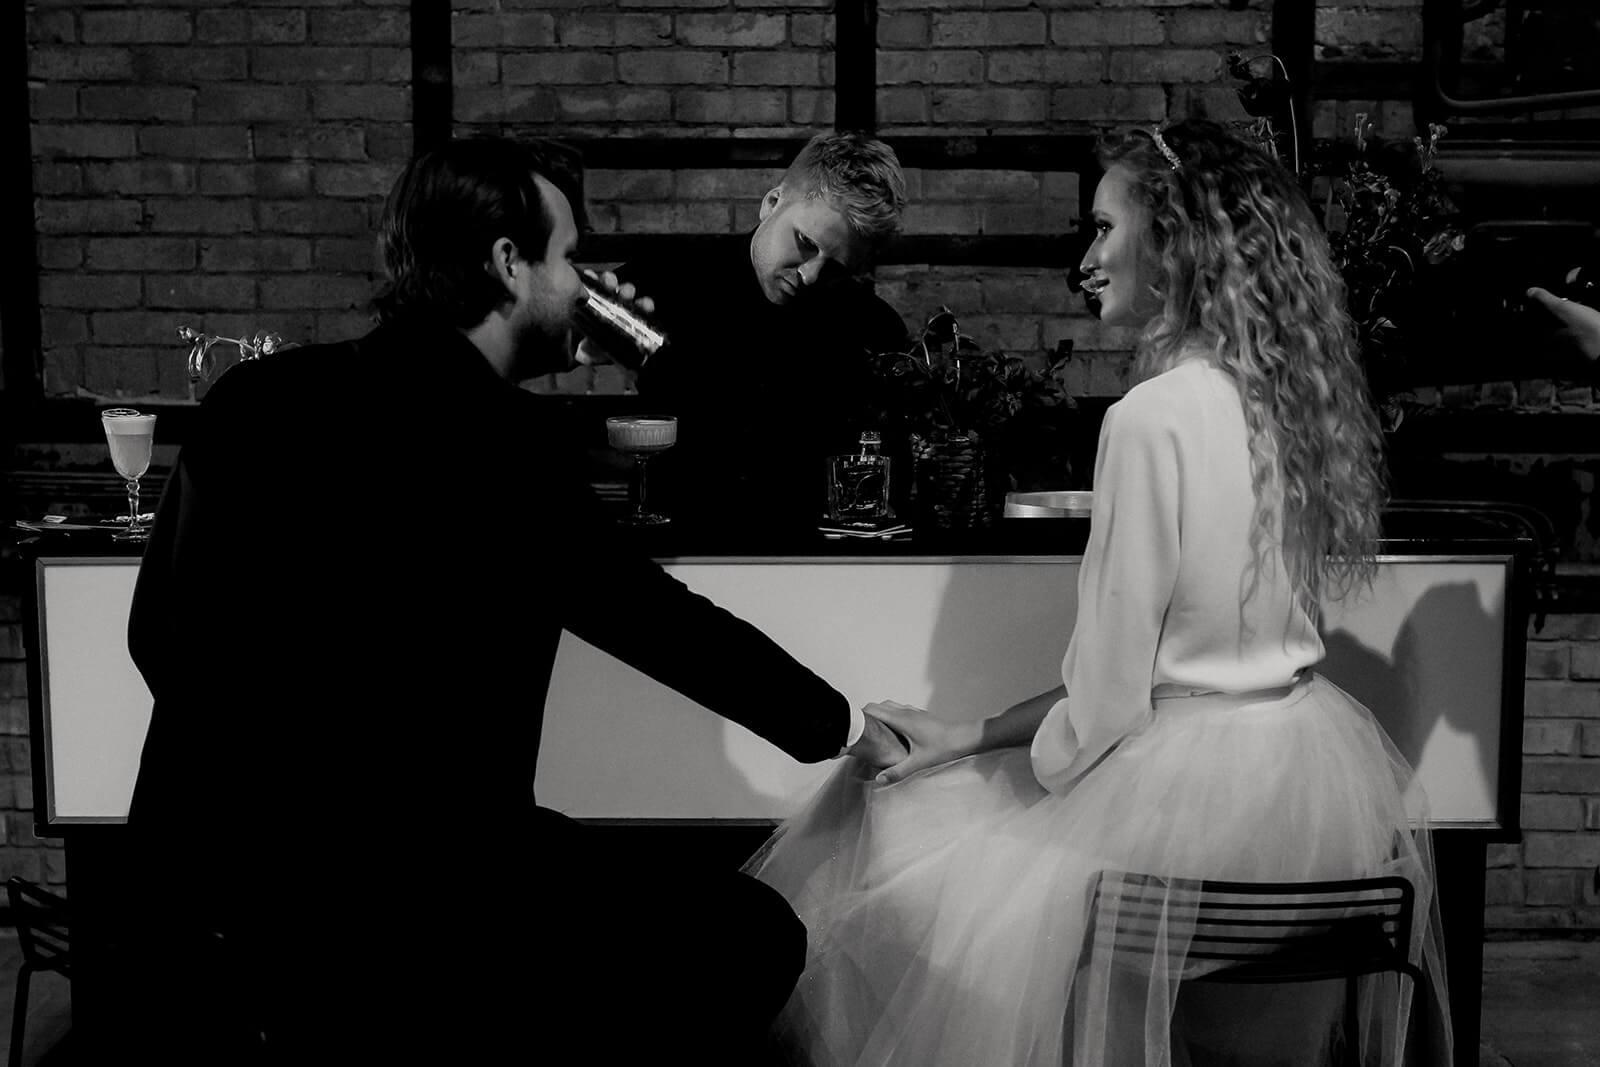 Brautpaar sitzt an der Bar mit Barkeeper - Hochzeitsdienstleister